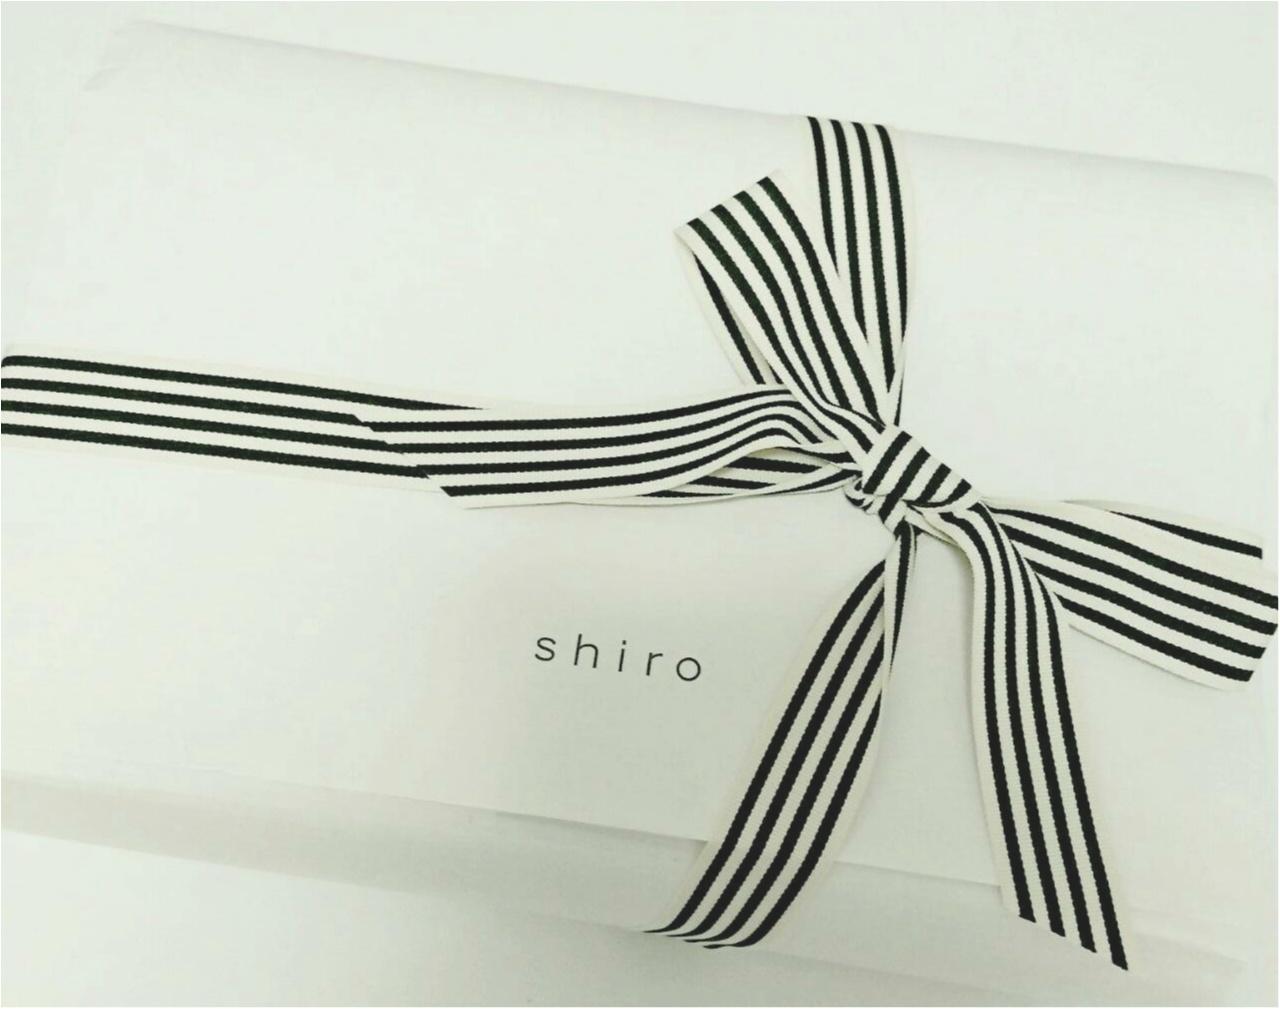 【shiro】シンプルなデザインに癒しの香り♡shiro(シロ)のホームケアアイテム使い始めました♡♡_3